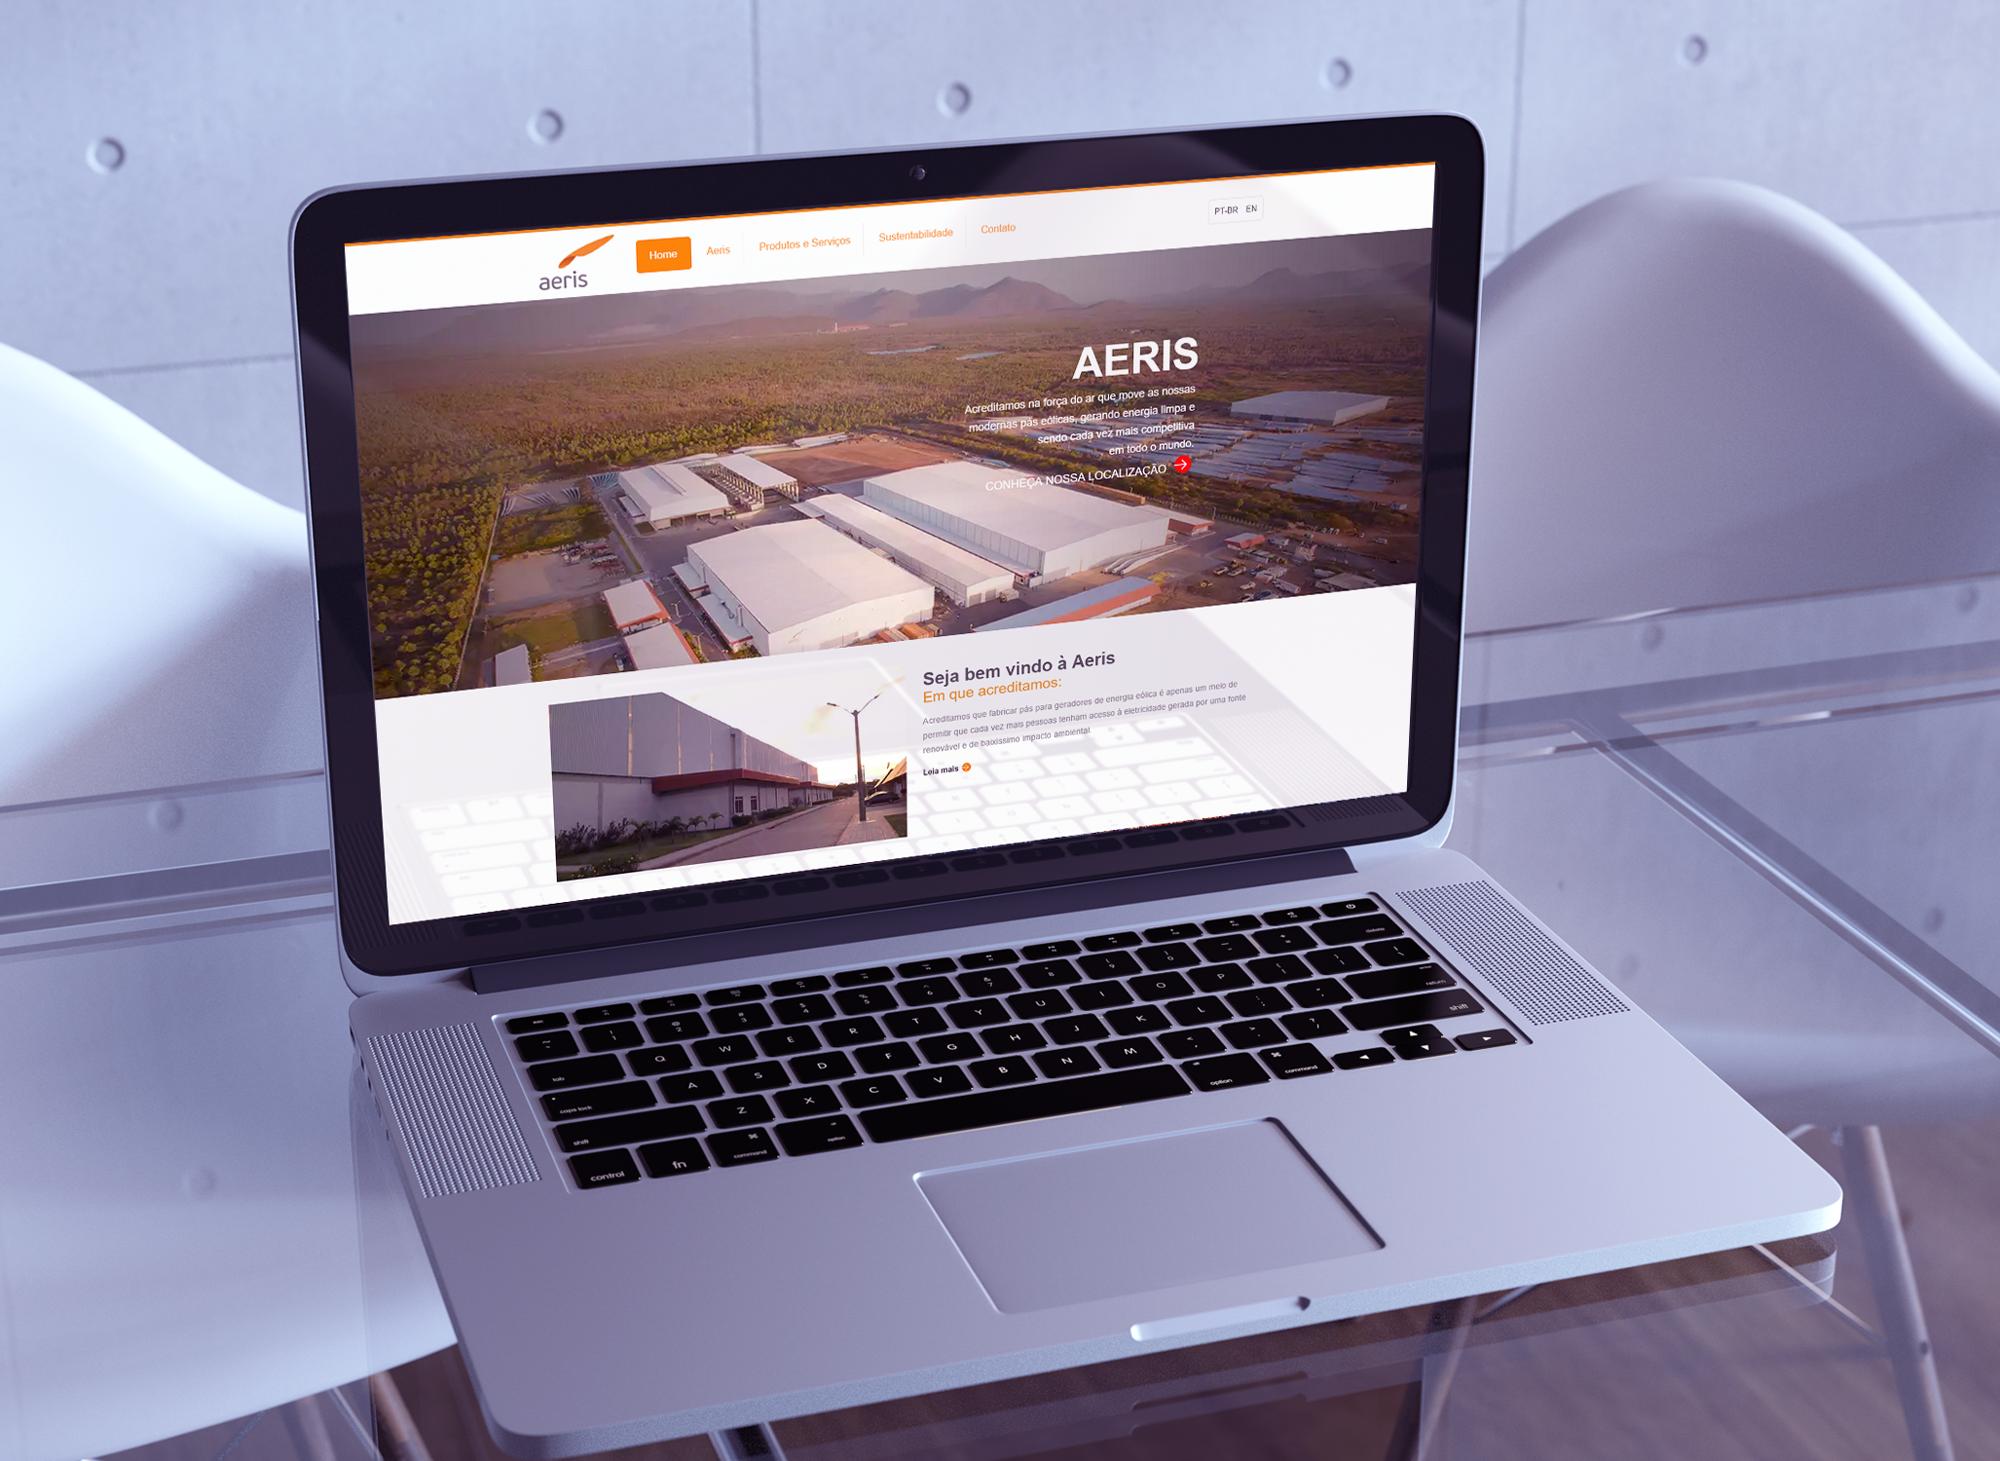 site-aeris-portfolio-agencia-diretriz-digital-marketing-fortaleza1